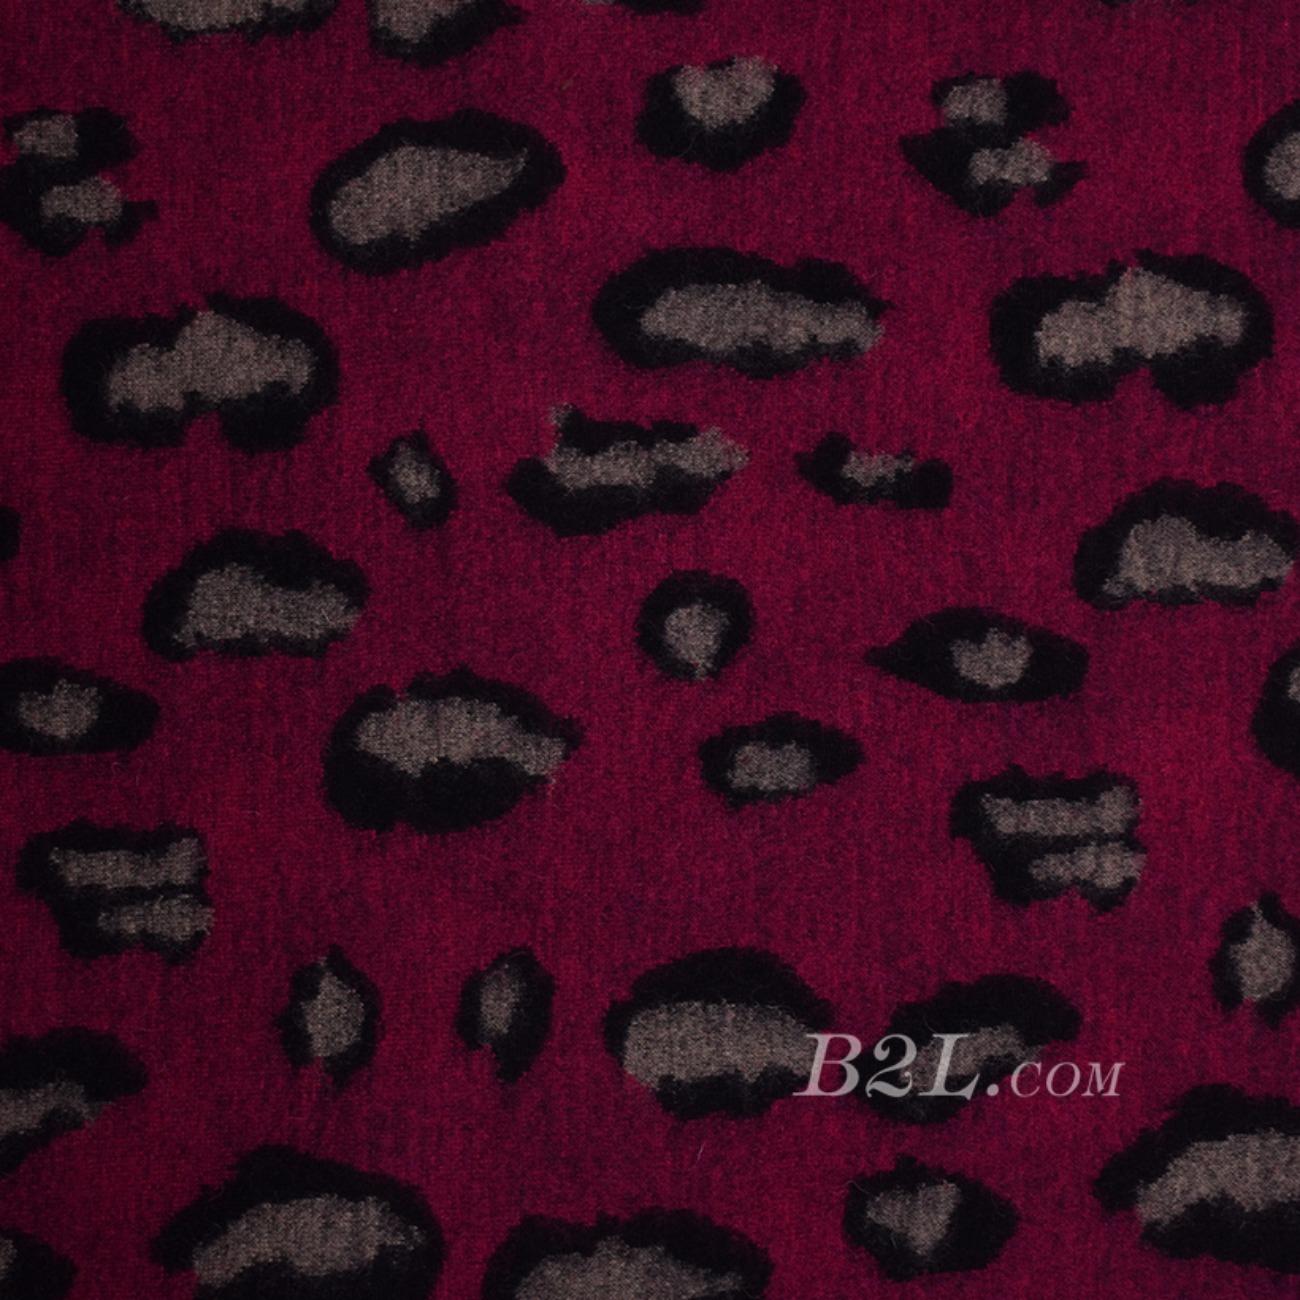 豹纹 呢料 柔软 羊毛 大衣 外套 女装 60803-36